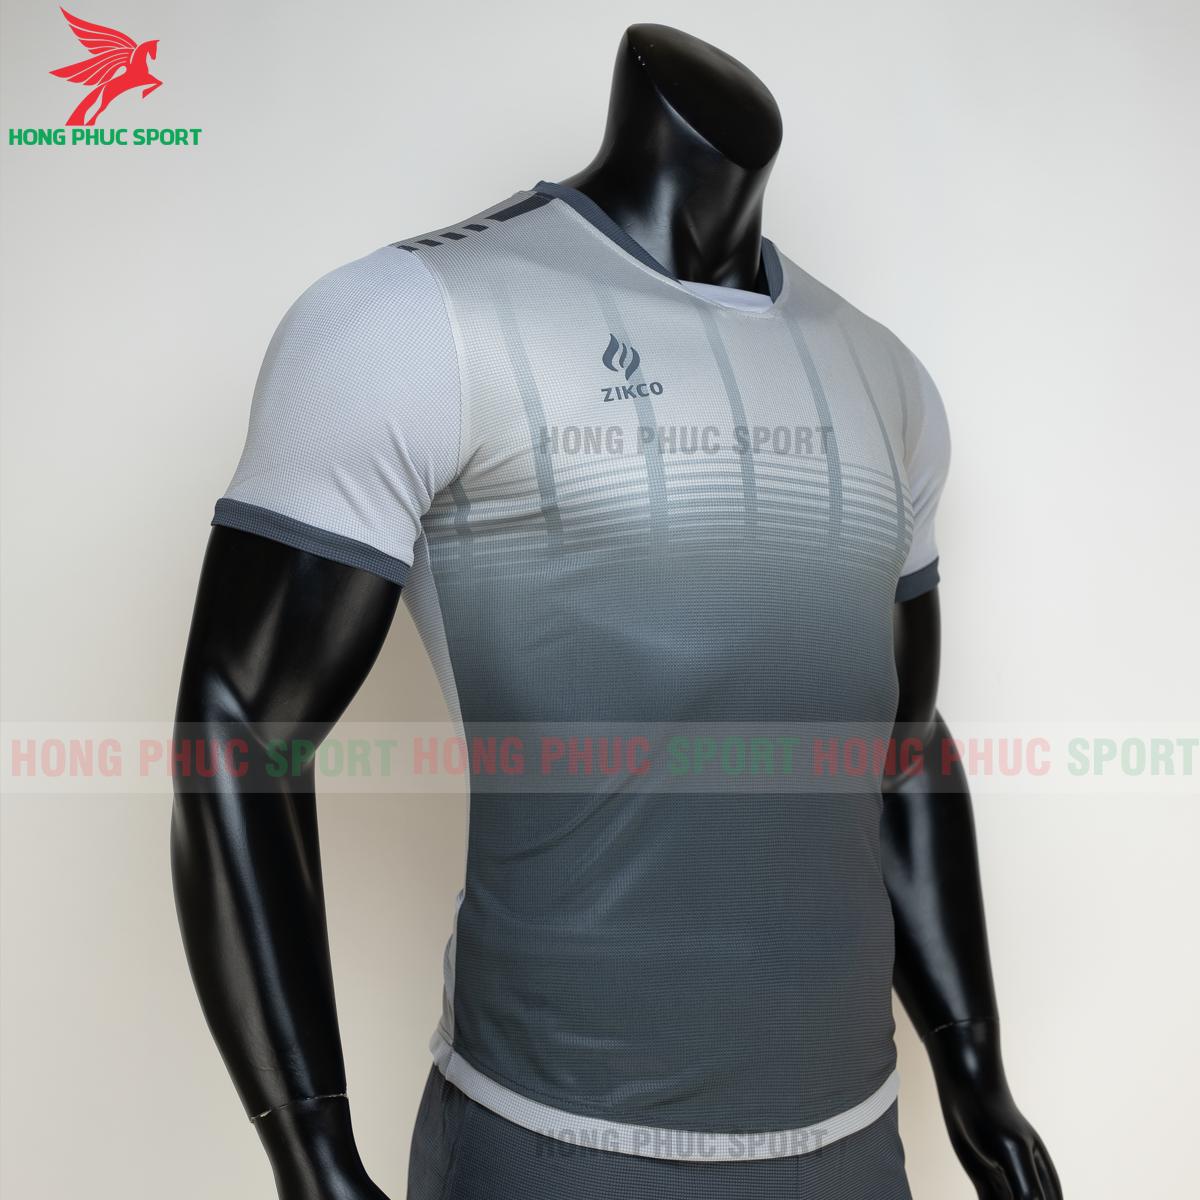 https://cdn.hongphucsport.com/unsafe/s4.shopbay.vn/files/285/ao-bong-da-khong-logo-zikco-z01-mau-den-5-605024efa662f.png